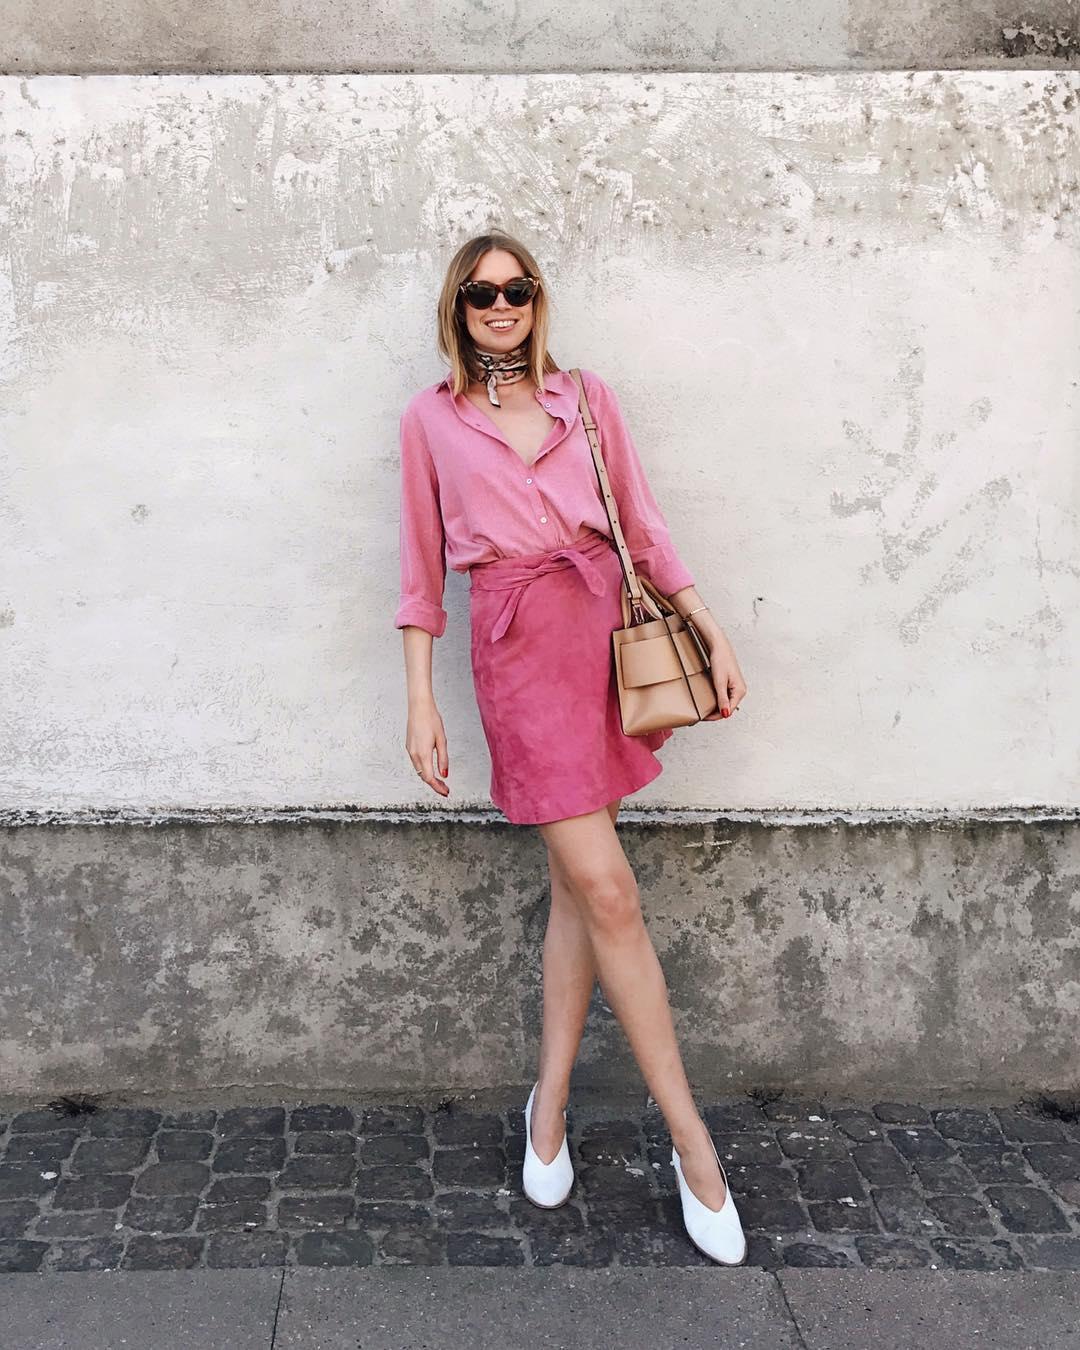 Người mẫu mặc áo sơ mi màu hồng nhạt, chân váy hồng đậm và đi giày trắng